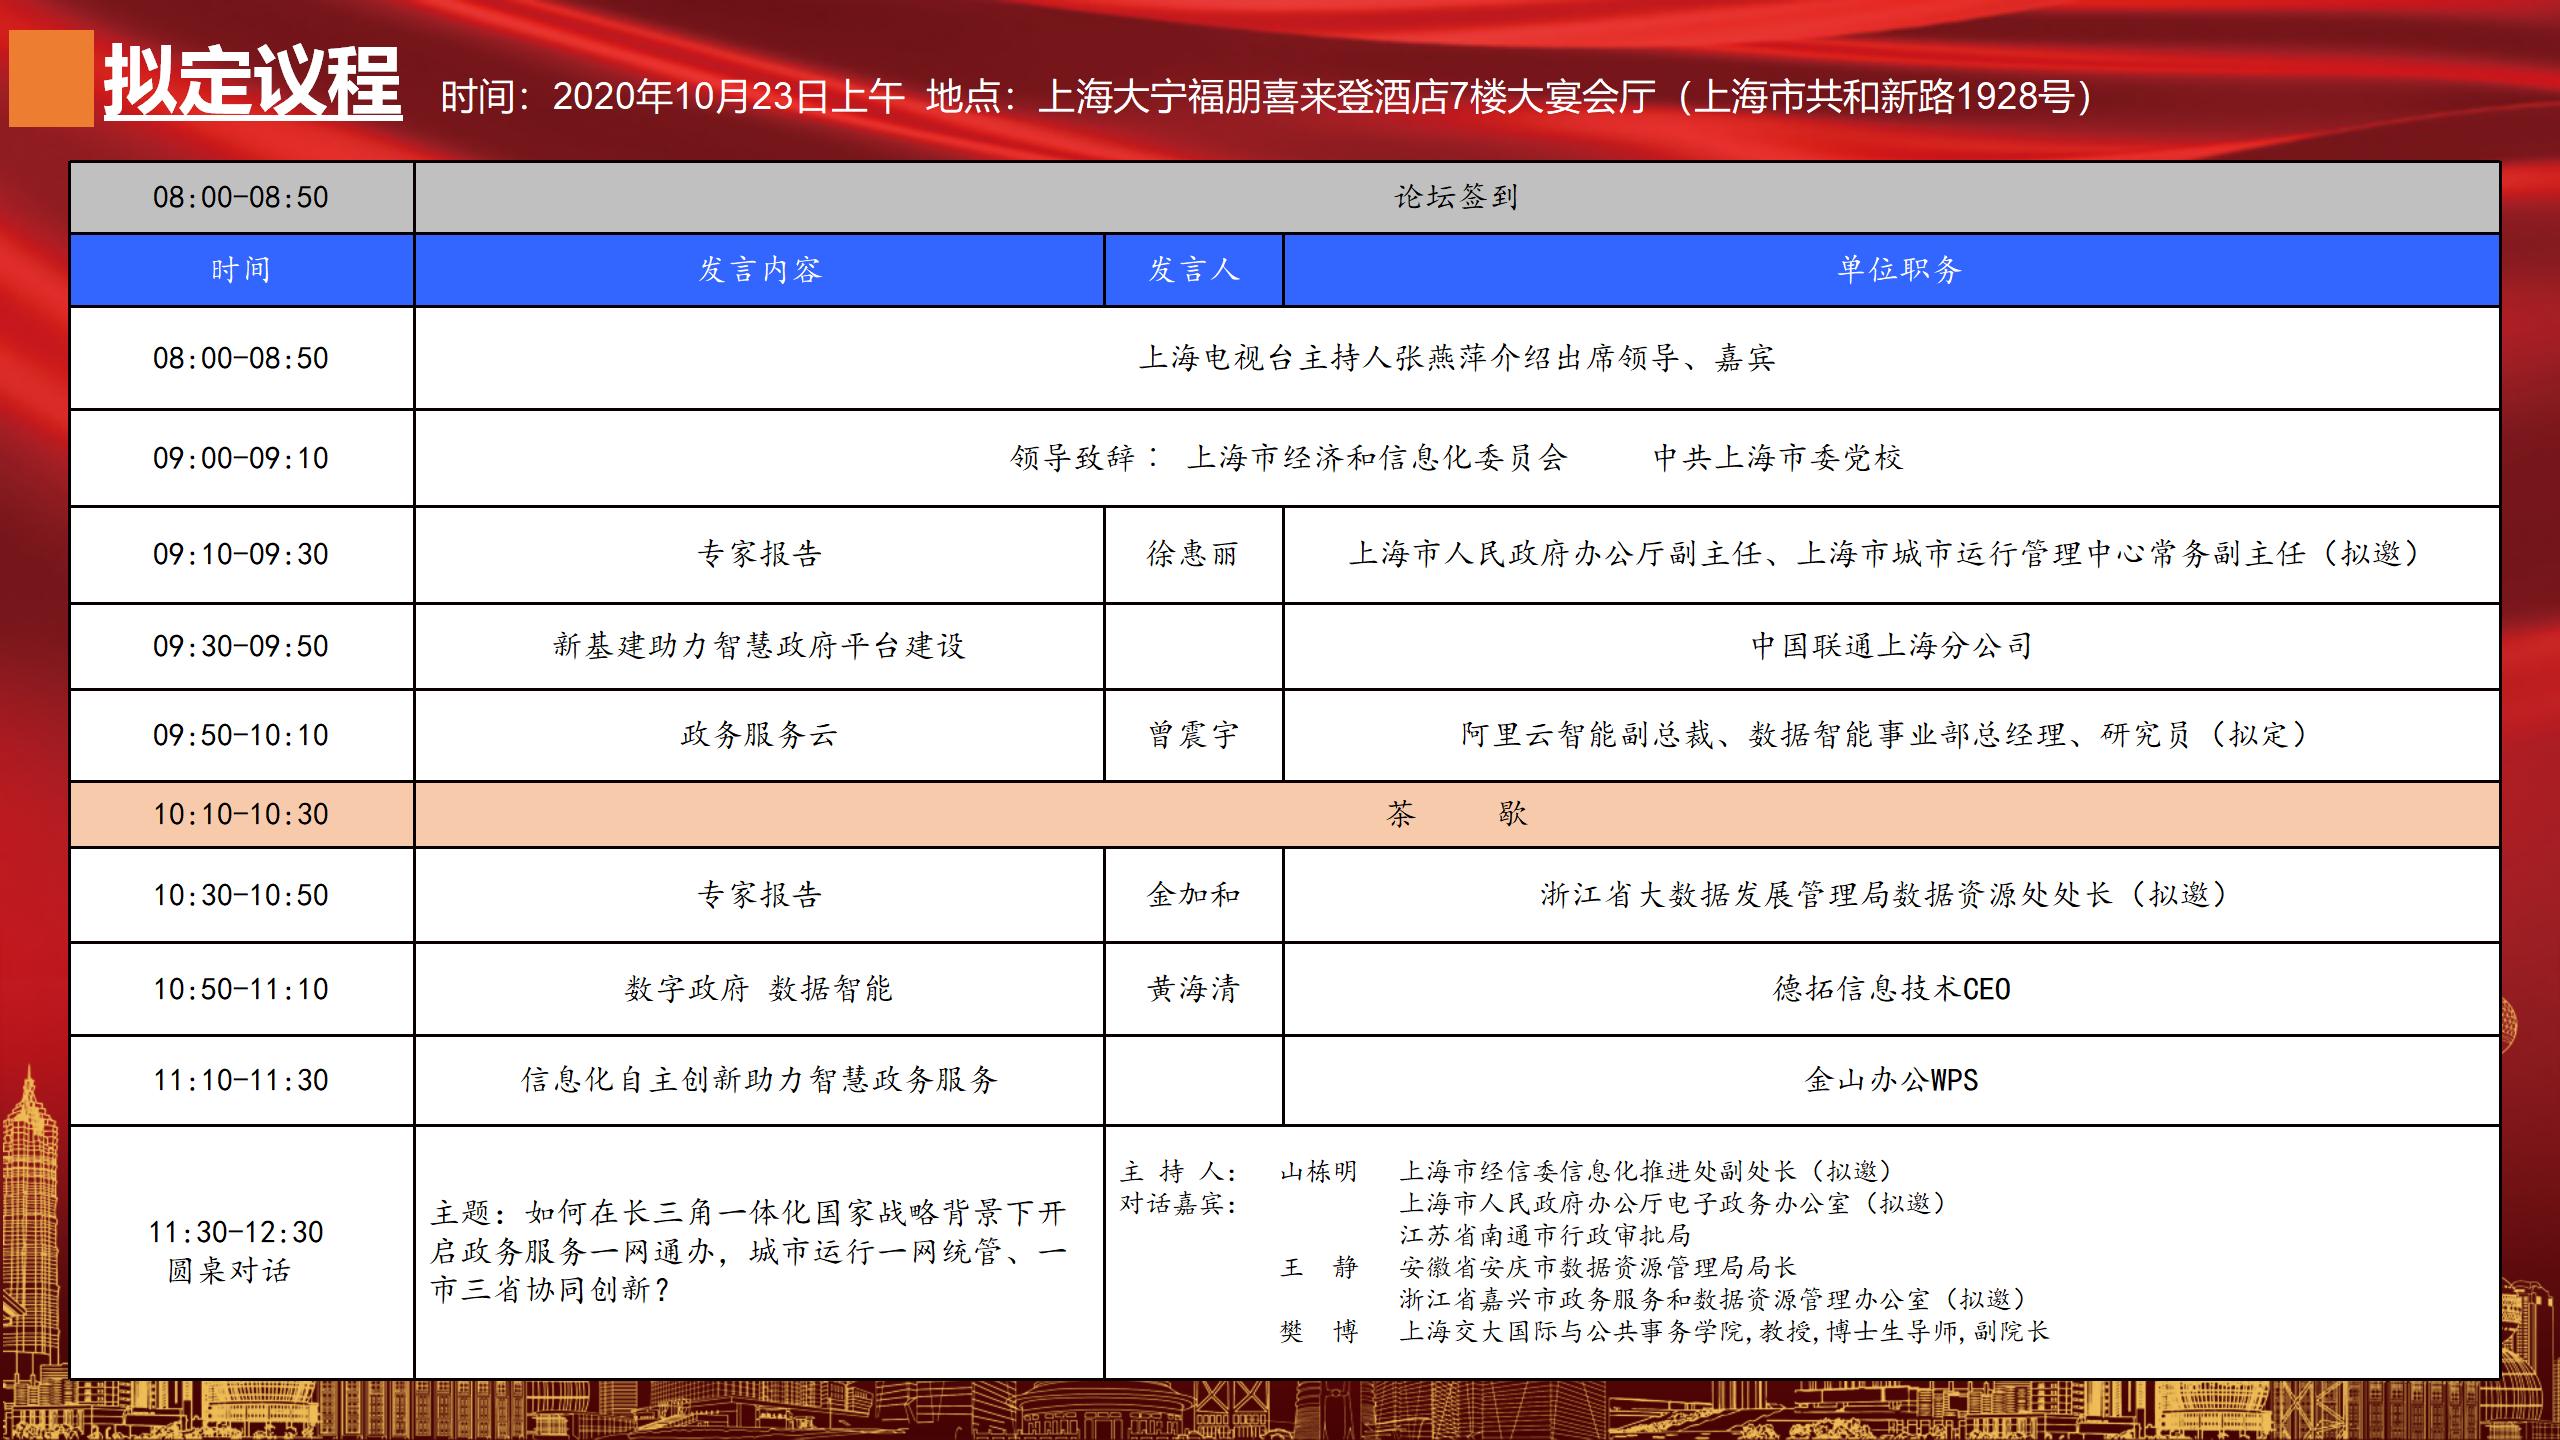 数字赋能 智慧政务---上海市智慧城市大讲坛2020第二届长三角政务信息化论坛(上海)